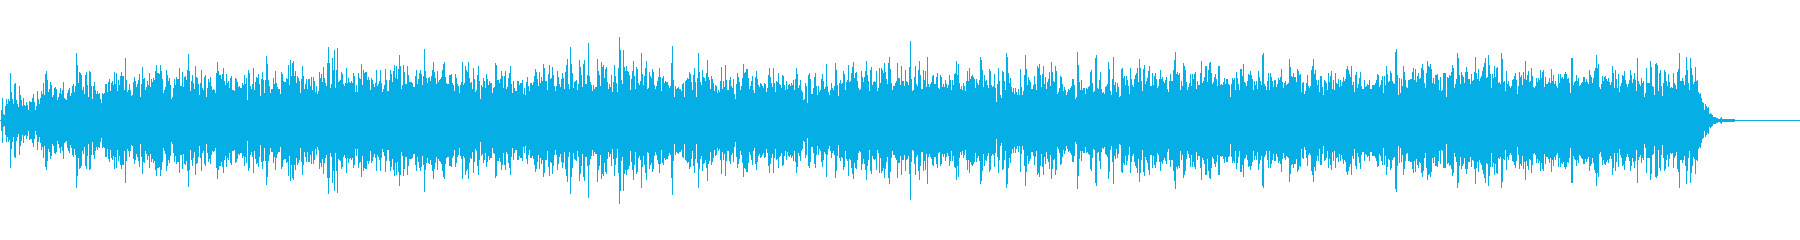 森林の神聖なイメージのカリンバの再生済みの波形